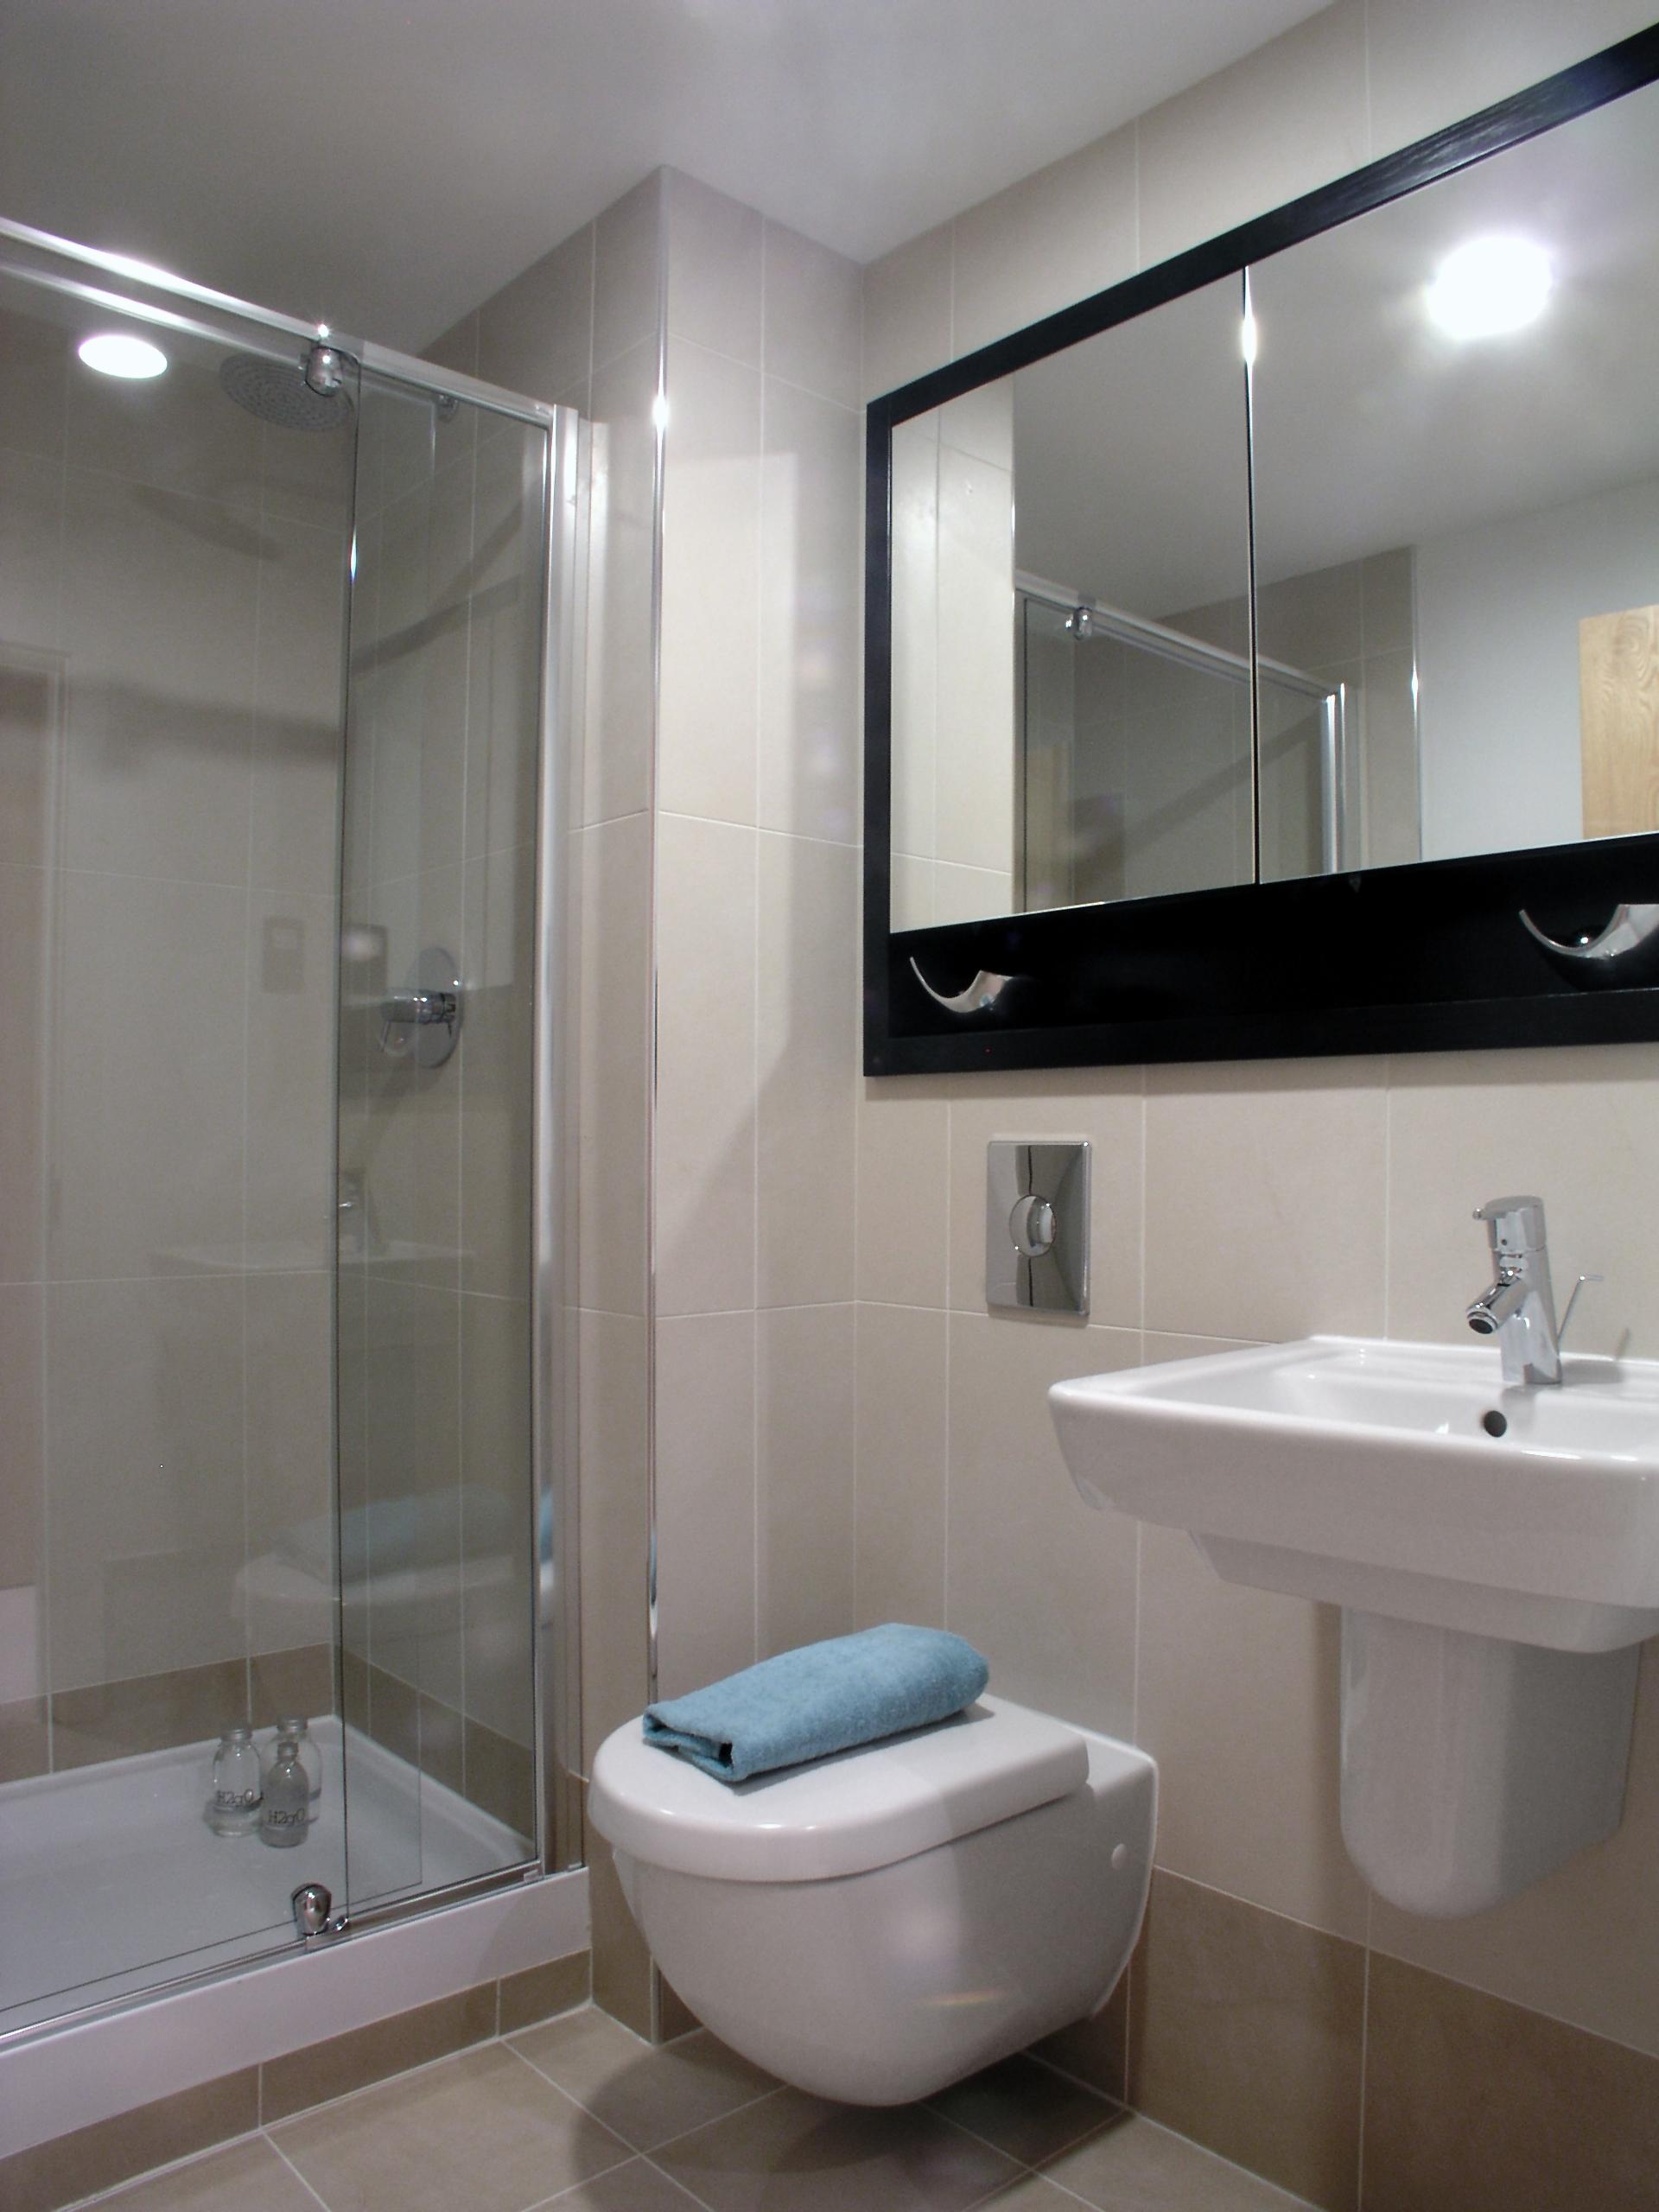 Bathroom installation tiling plastering services for Bathroom installation services